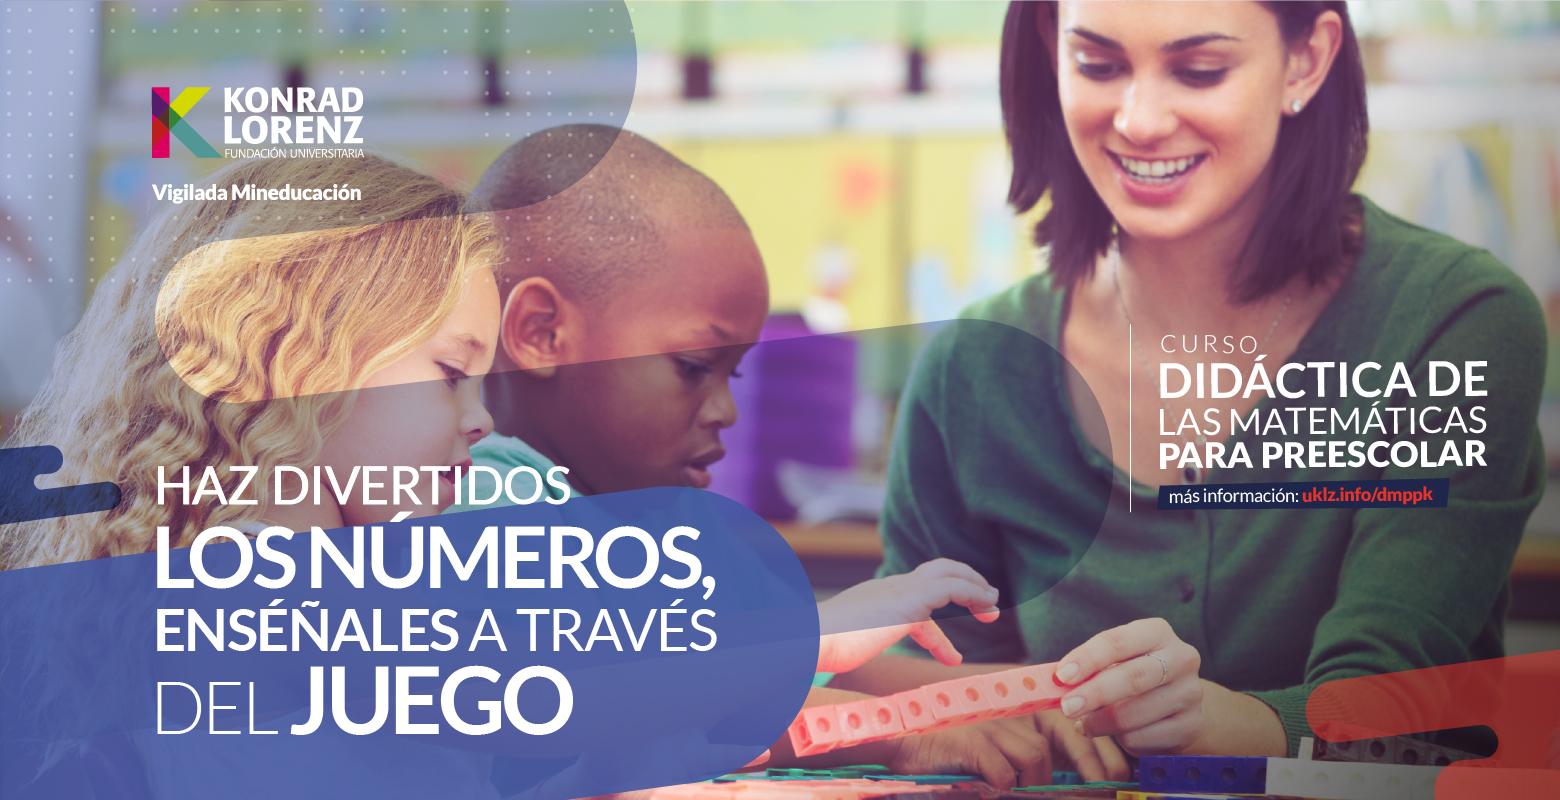 Curso Didáctica de las Matemáticas para Preescolar